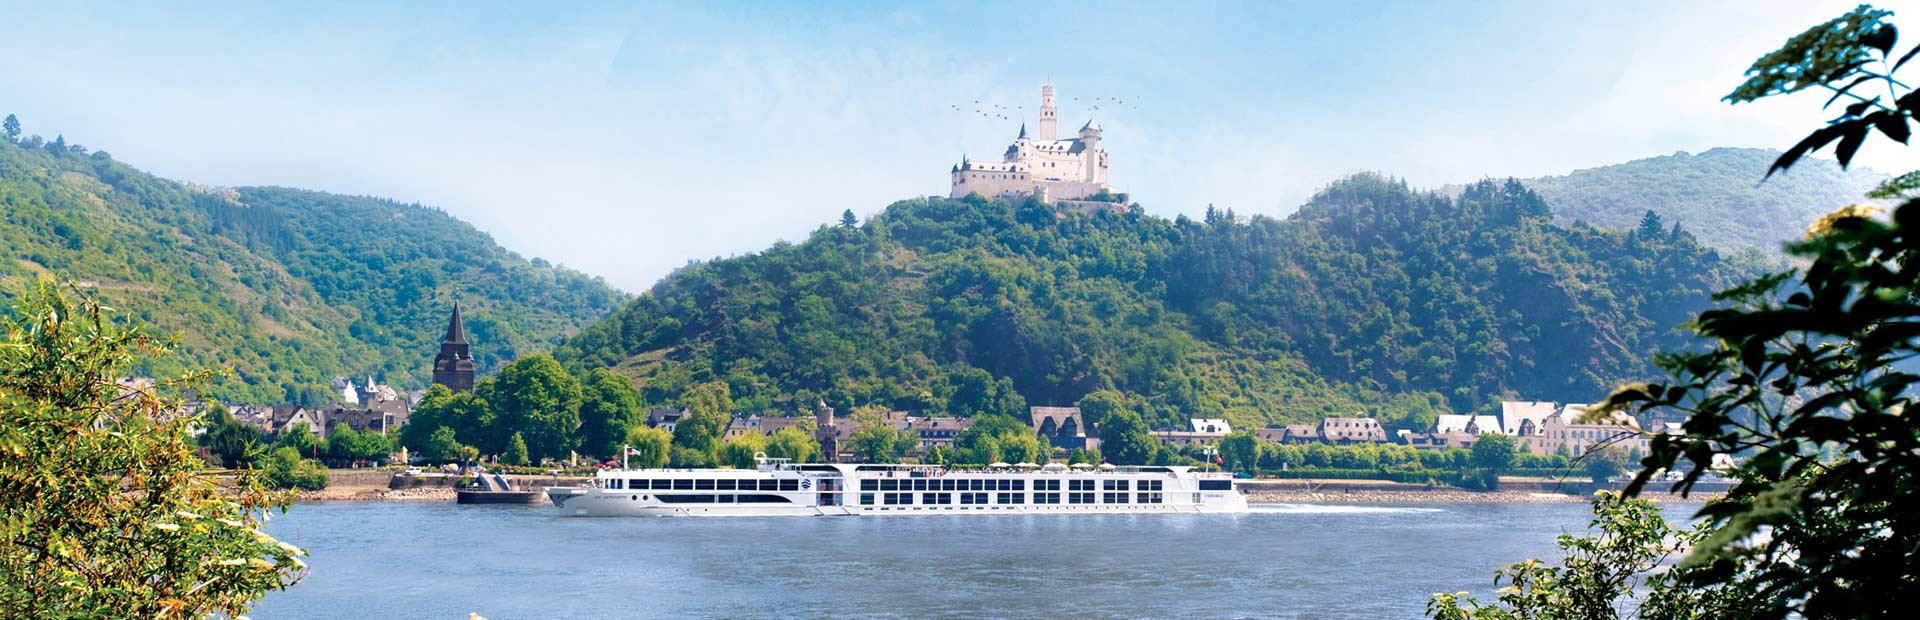 Uniworld SS Antoinette on the Rhine